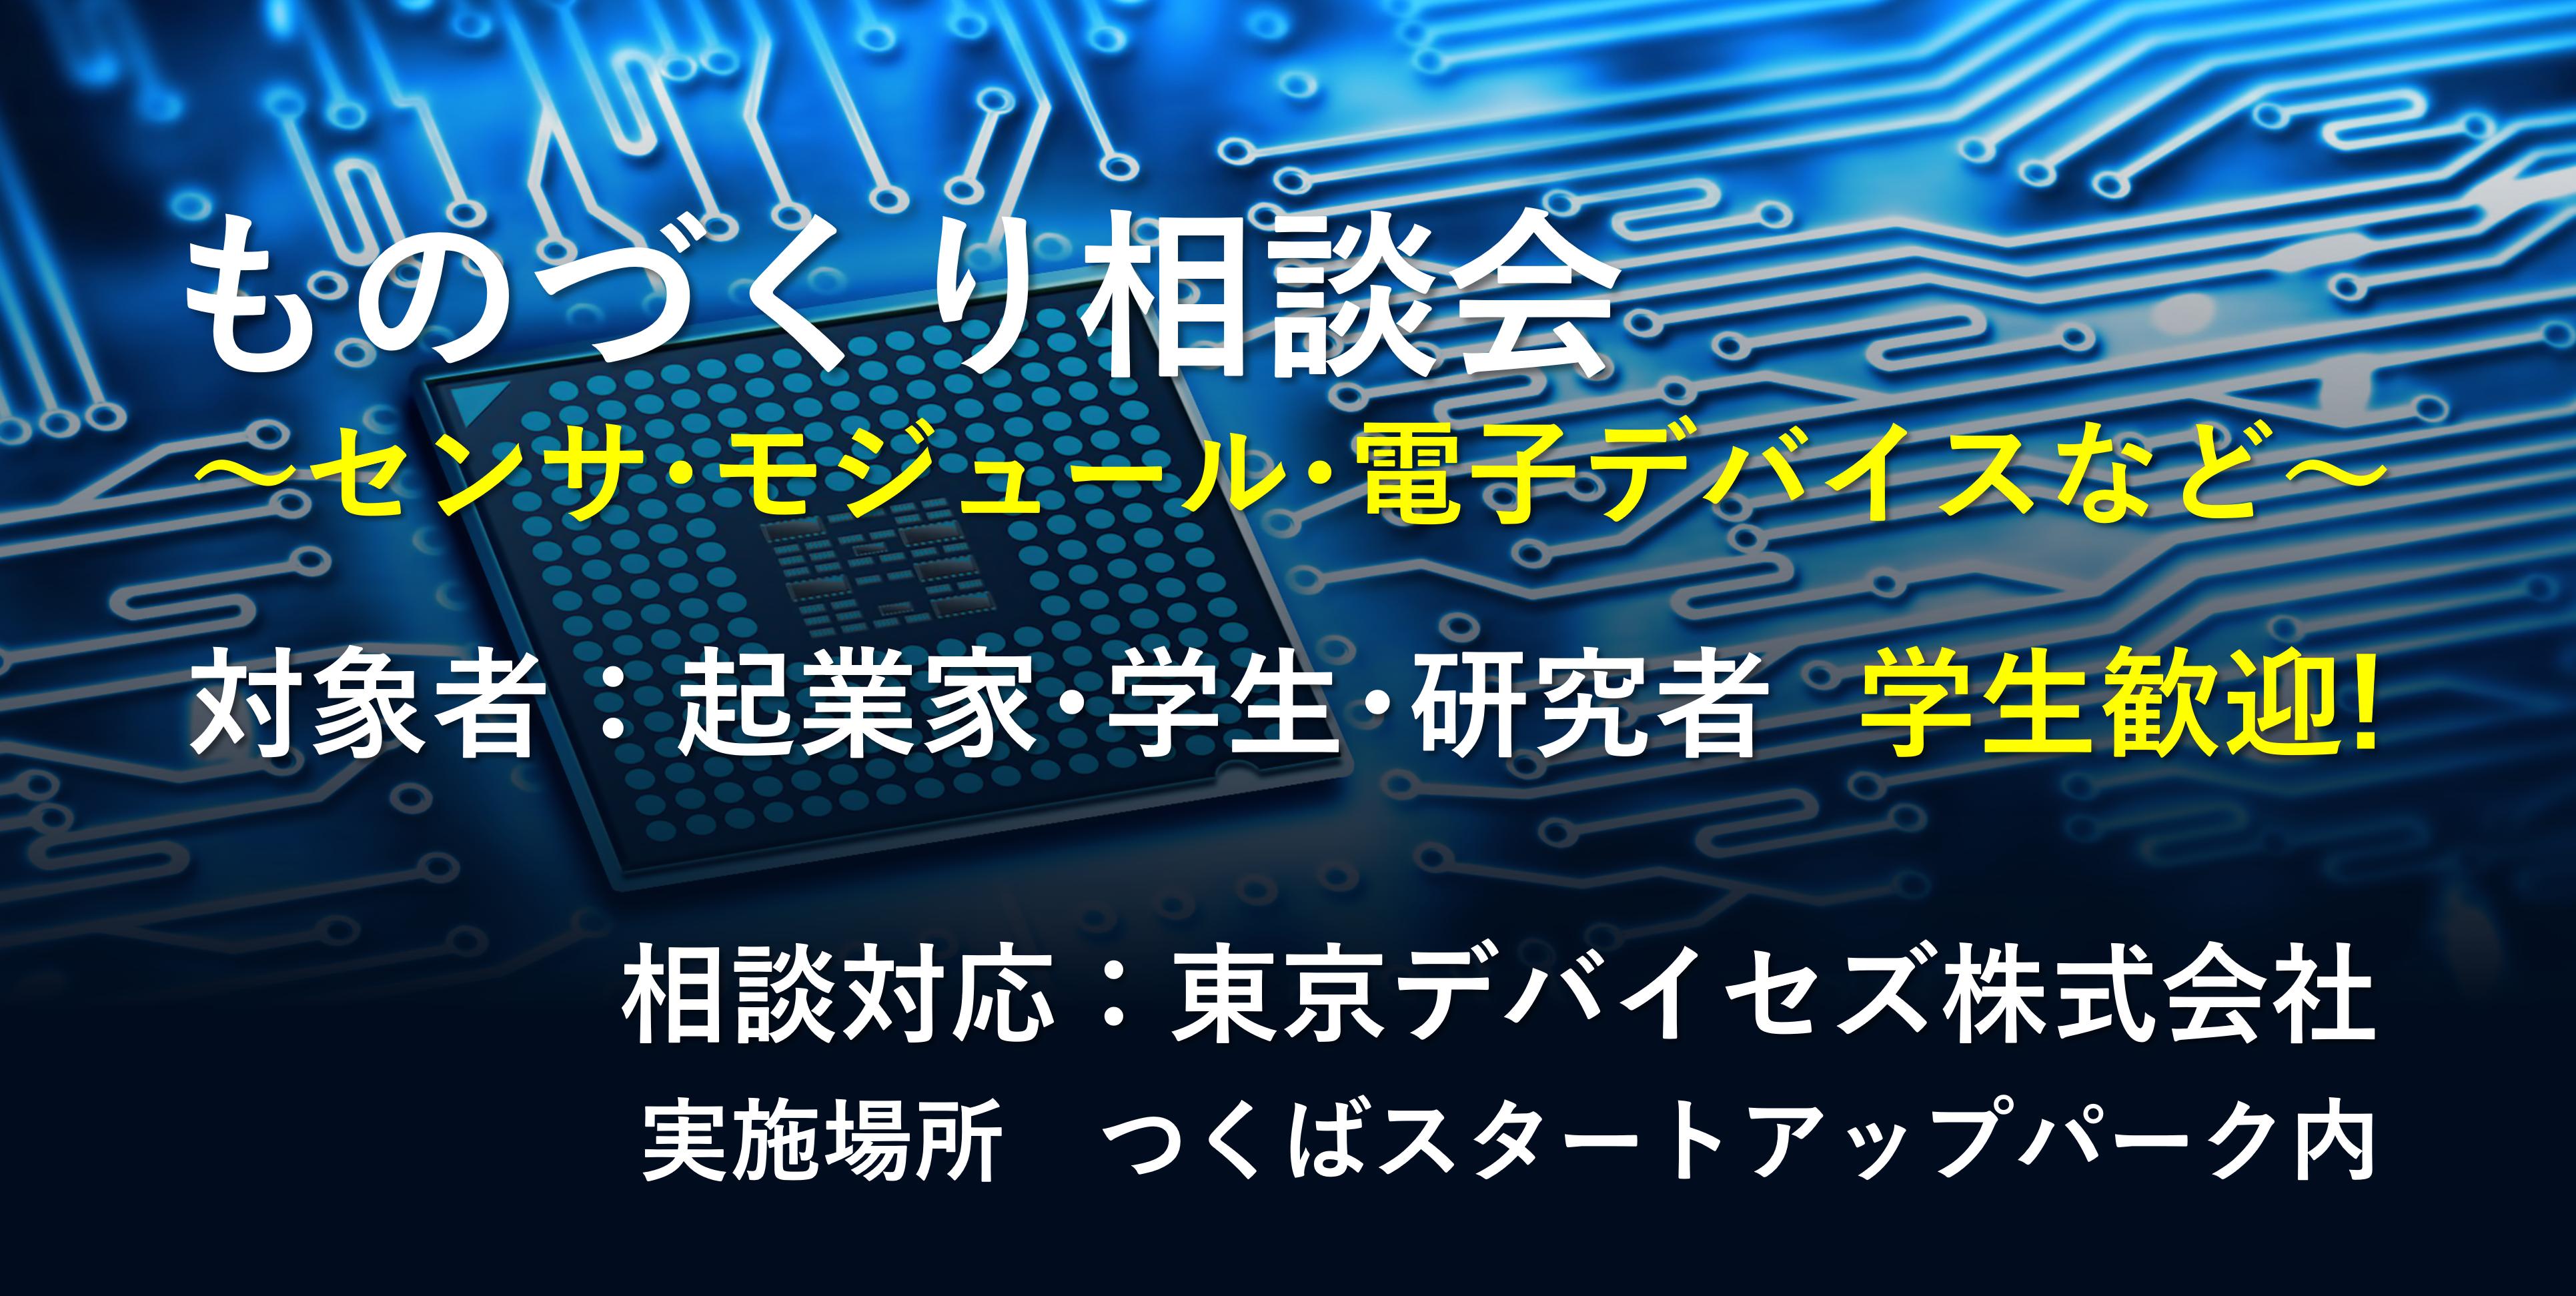 ものづくり相談会@5【センサ・モジュール・電子デバイスなど】